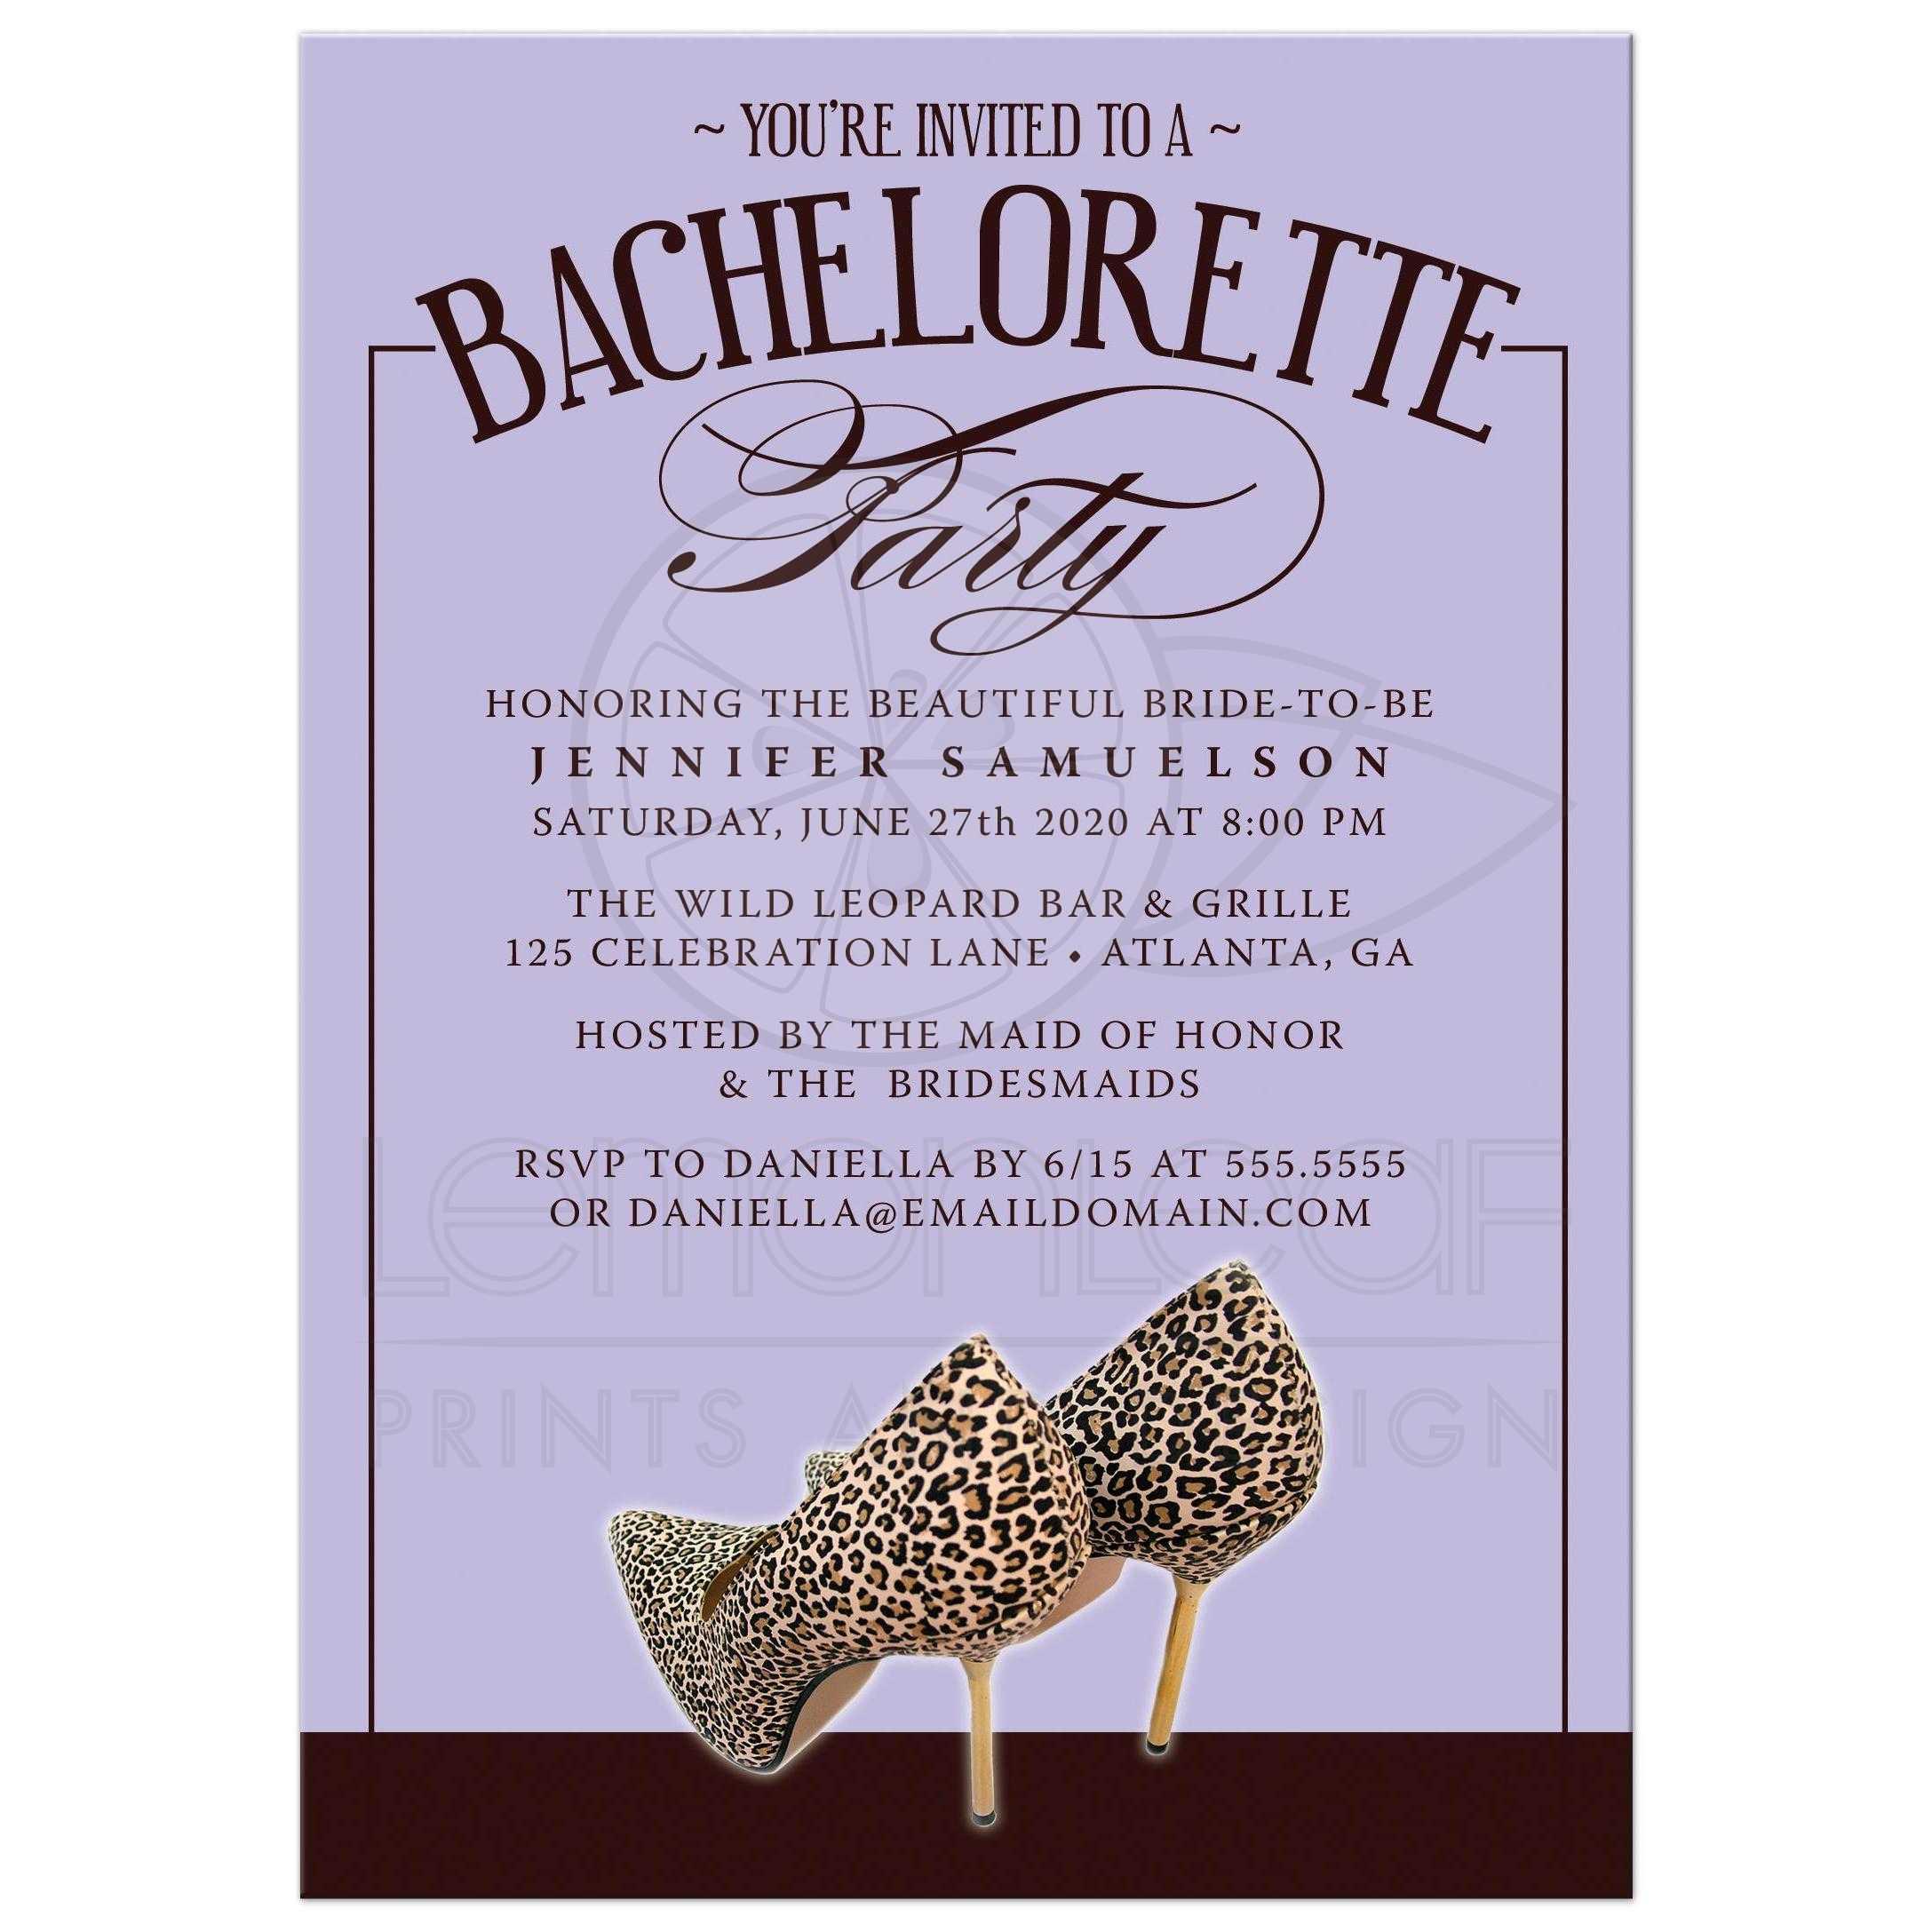 Bachelorette Party Invitations Leopard Print Shoes Lavender